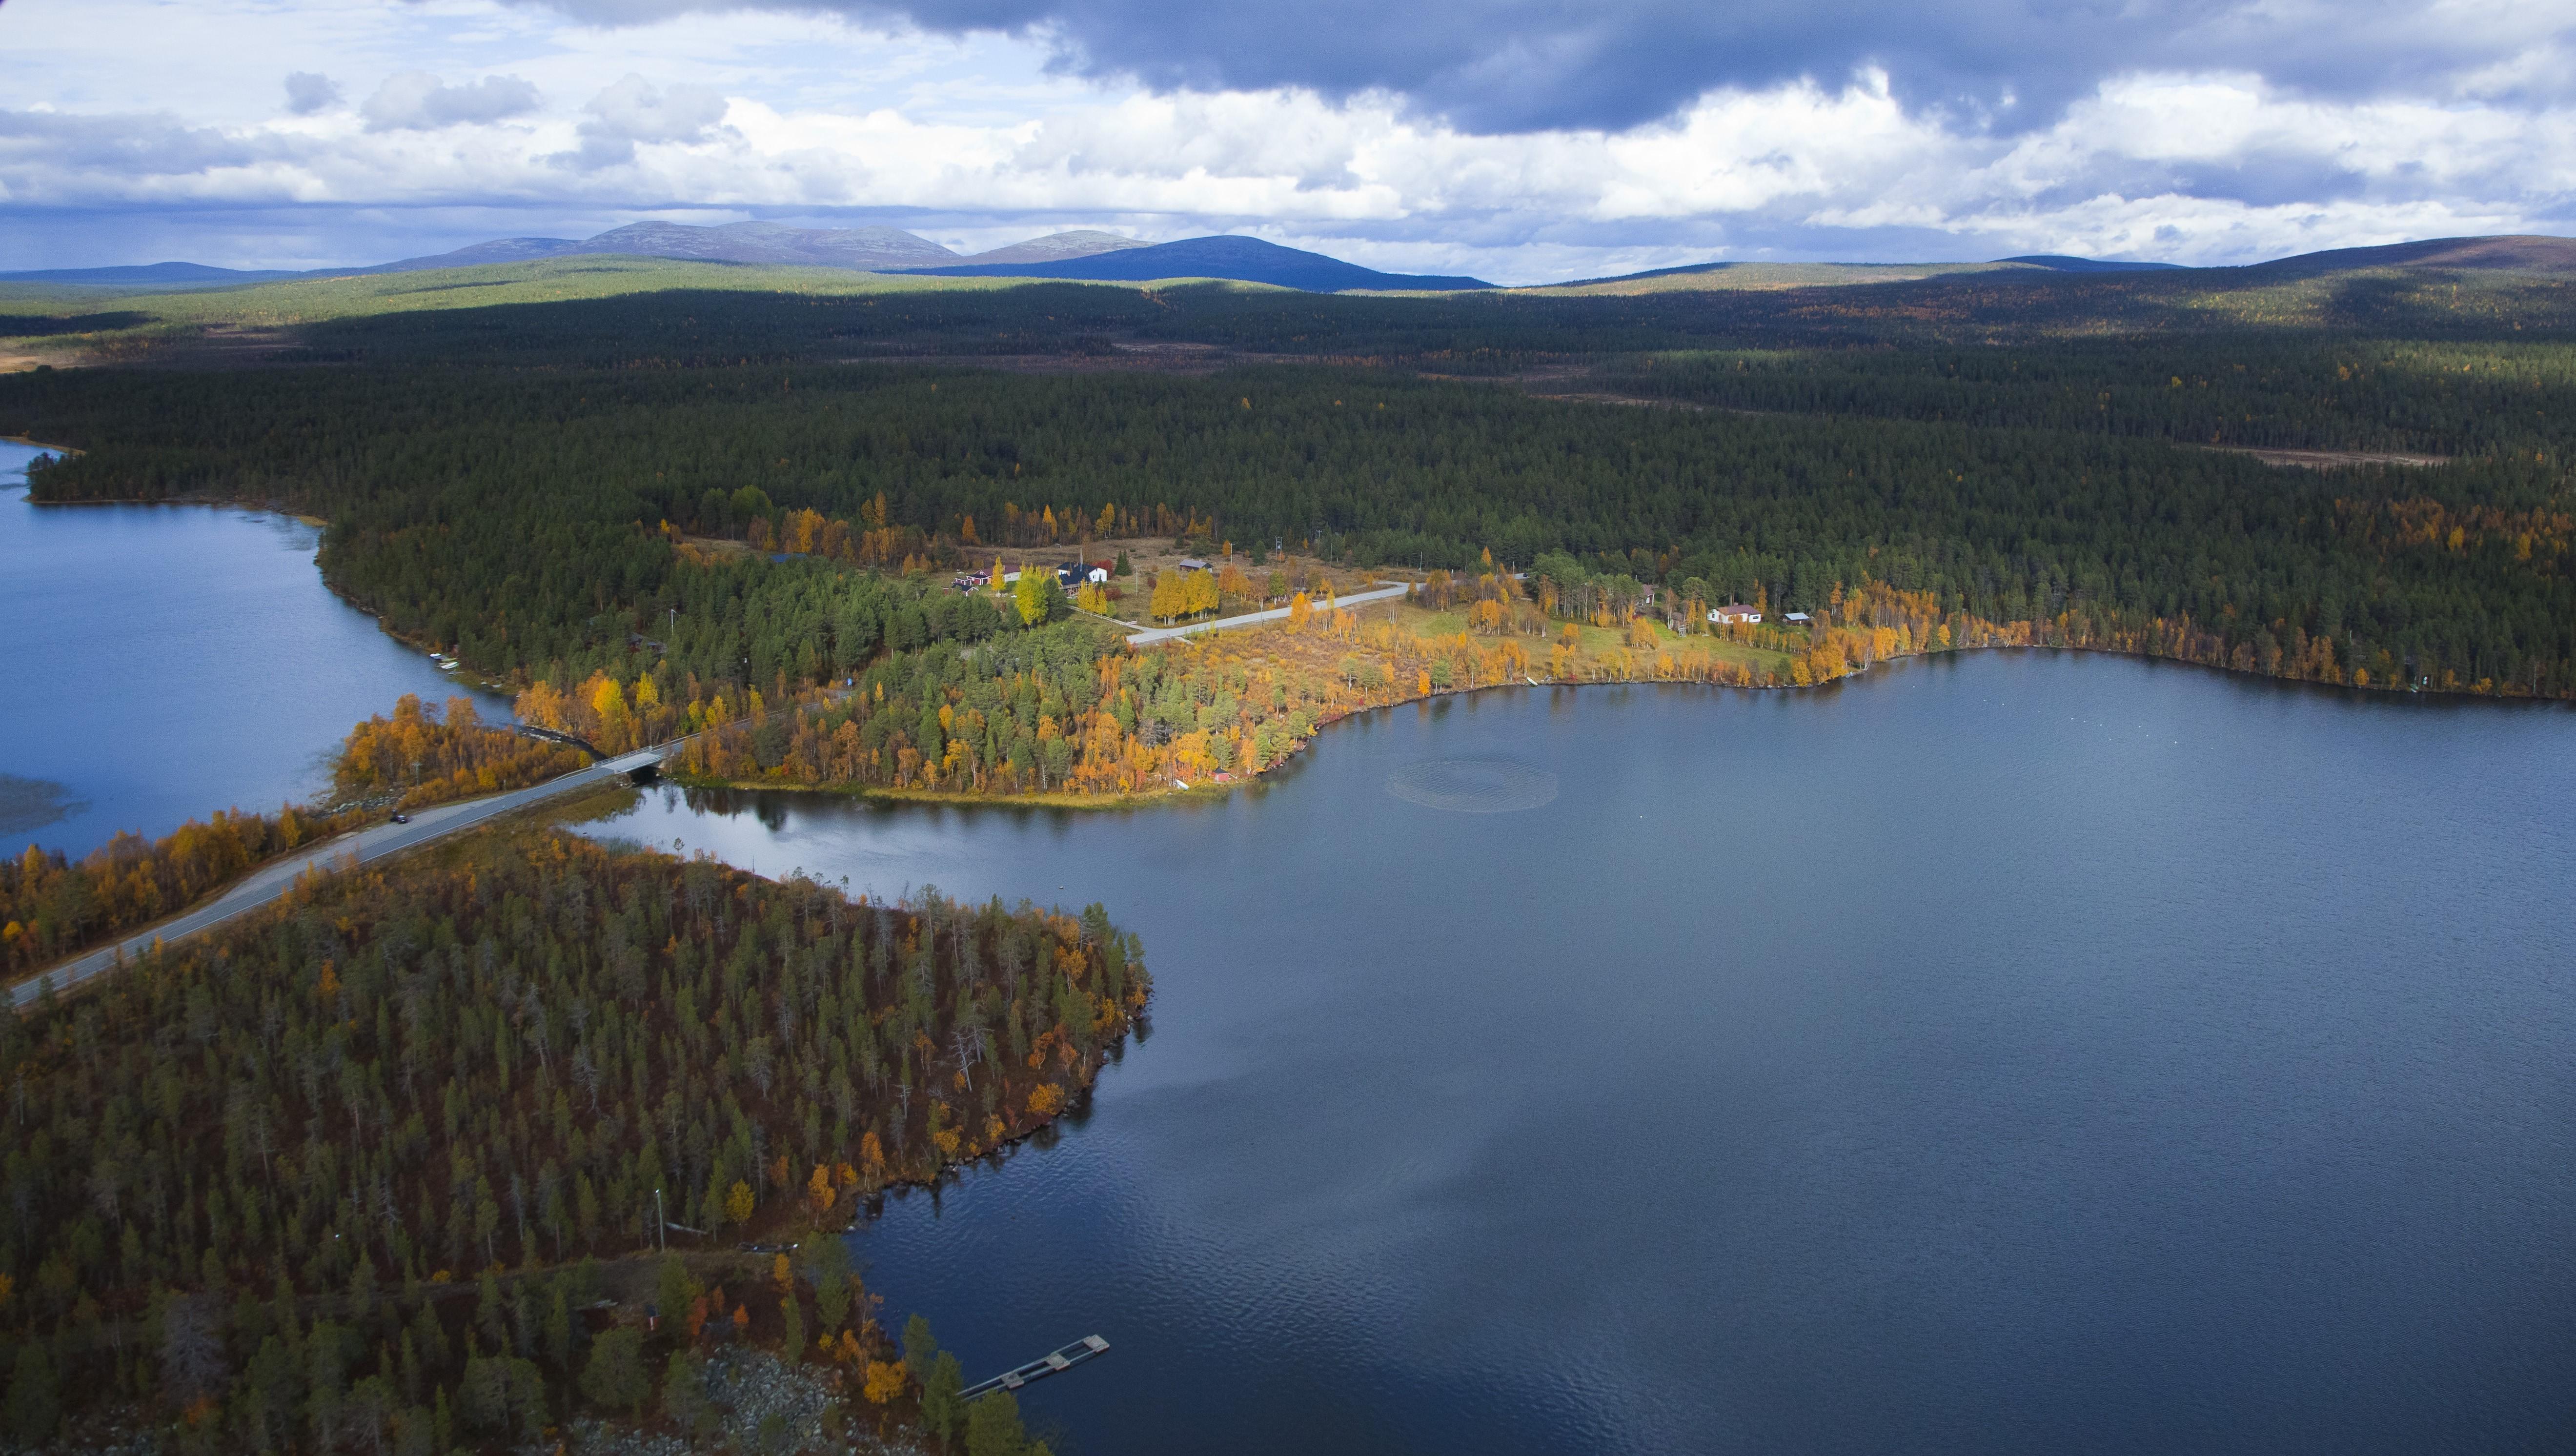 Finnland auf der Anuga: Lebensmittel aus der reinsten Natur Europas ...